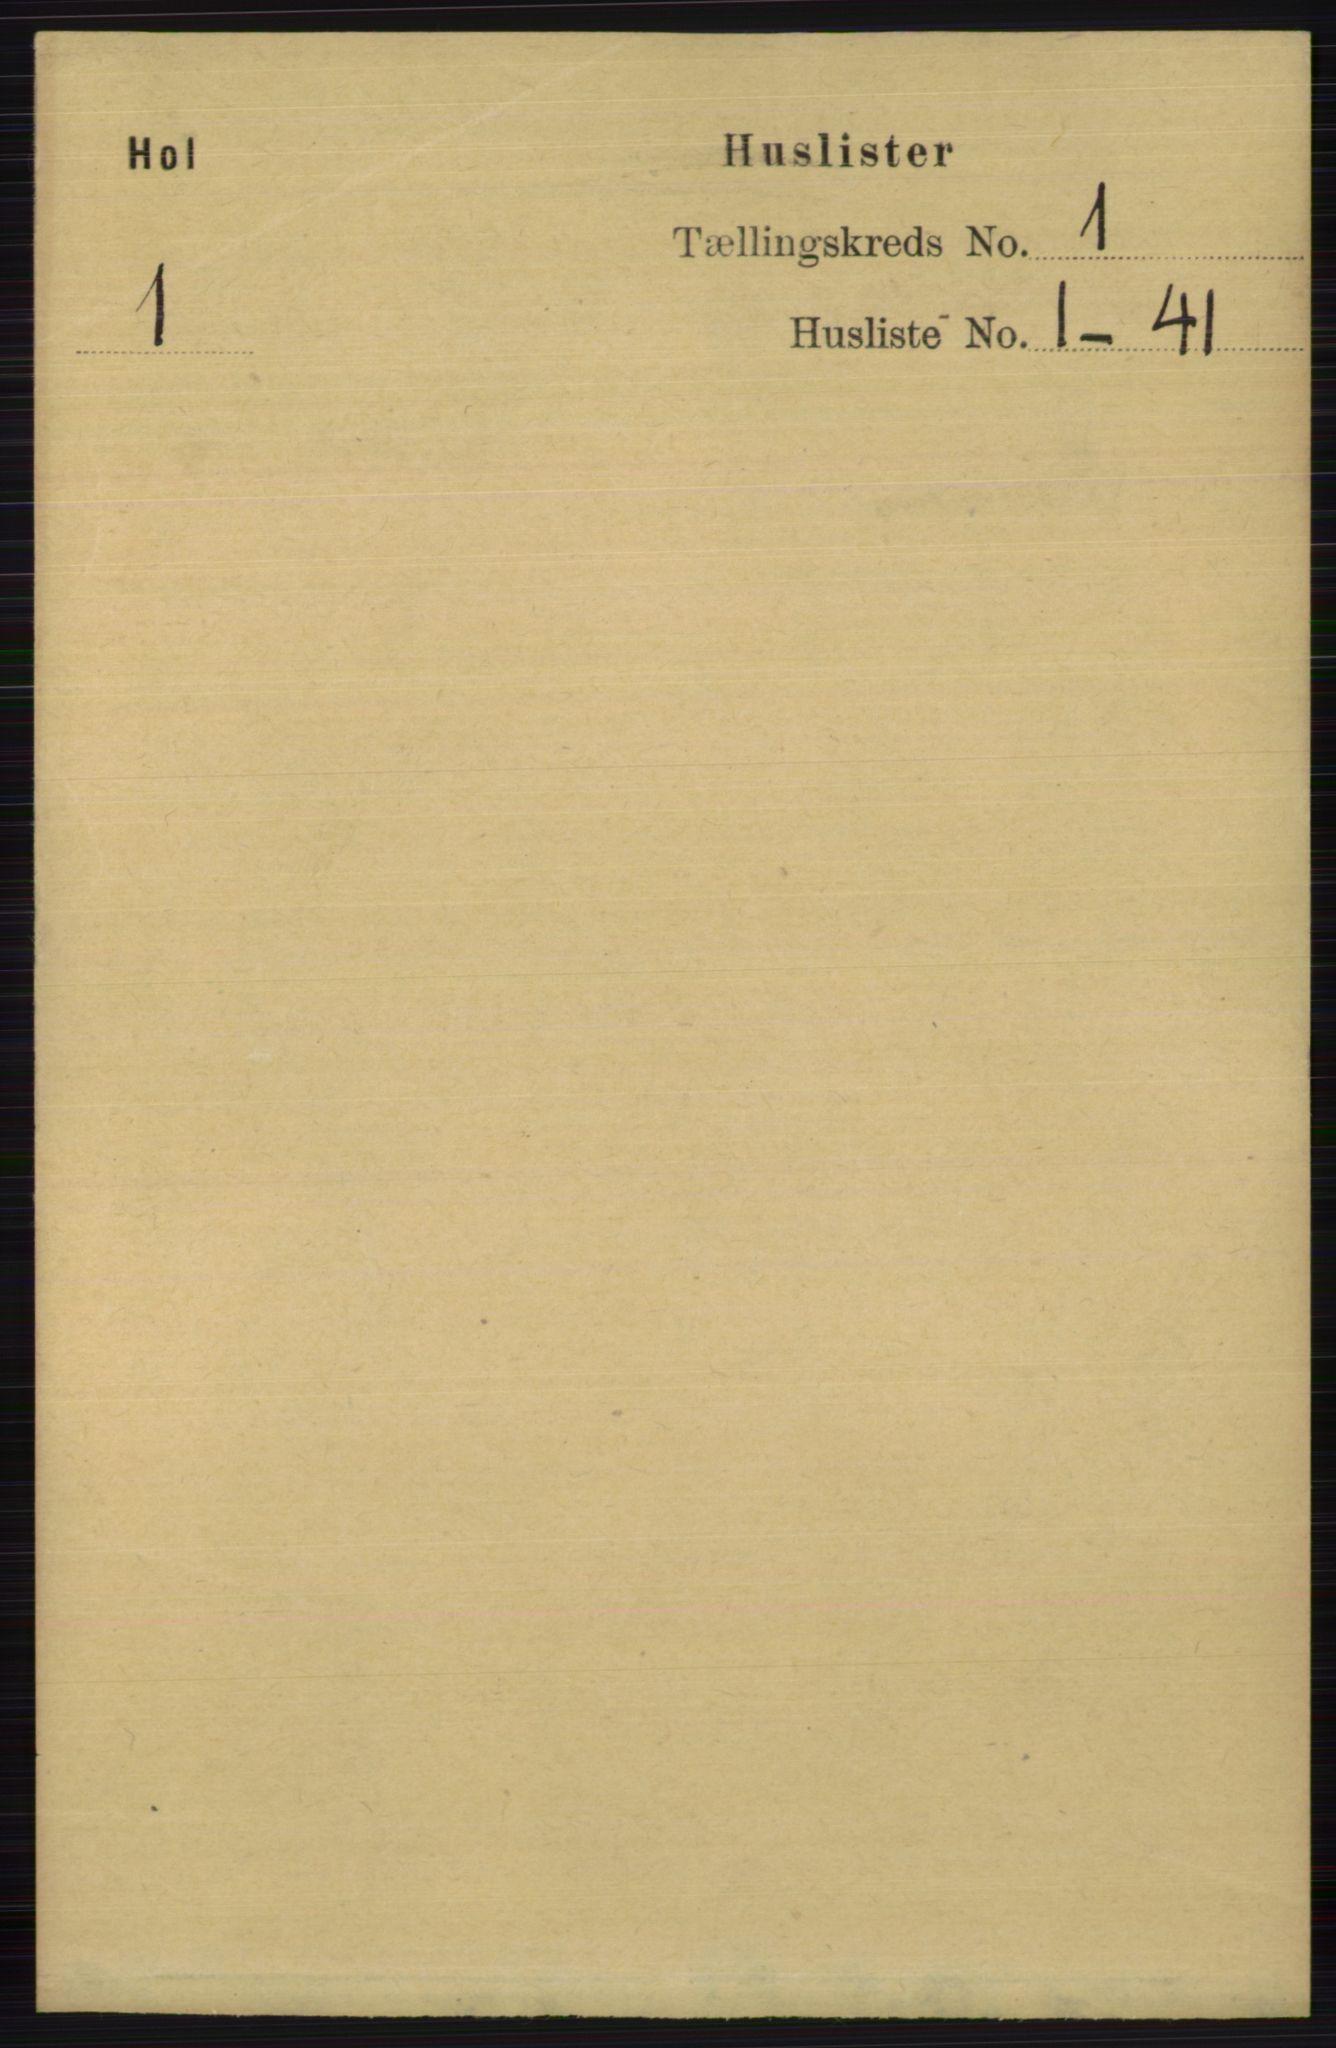 RA, Folketelling 1891 for 0620 Hol herred, 1891, s. 25